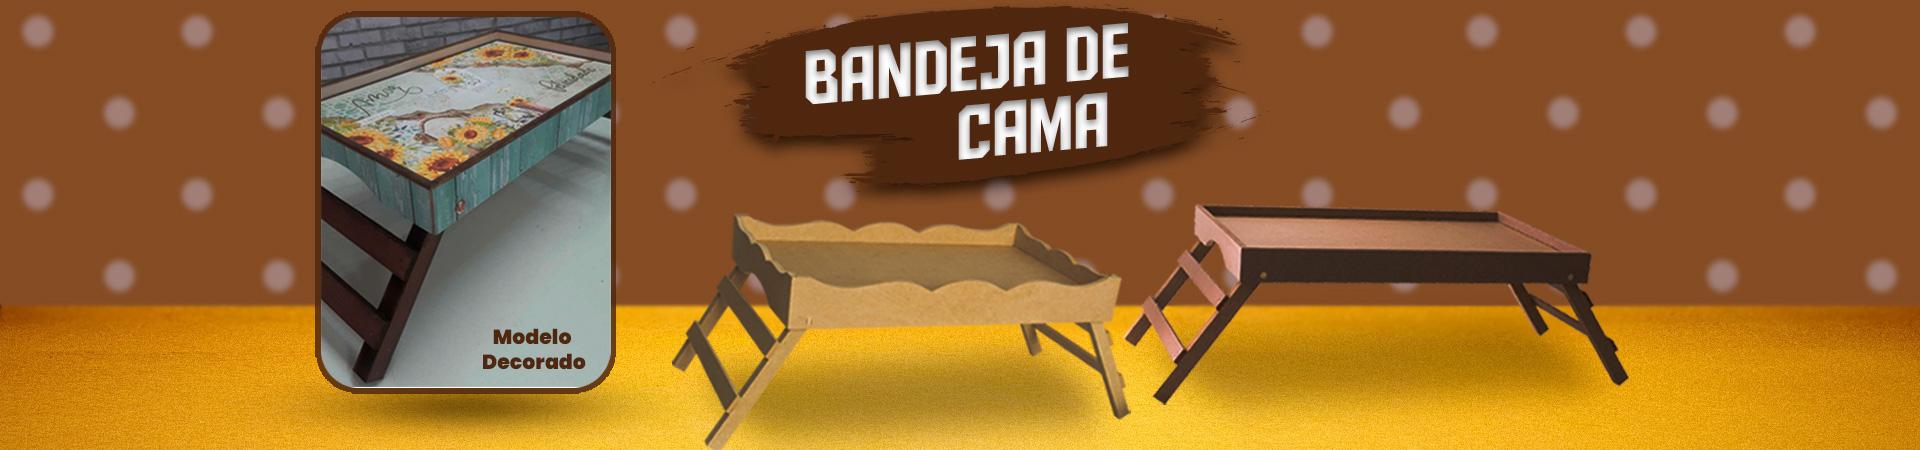 BANNER BANDEJA DE CAMA 16/02/2021